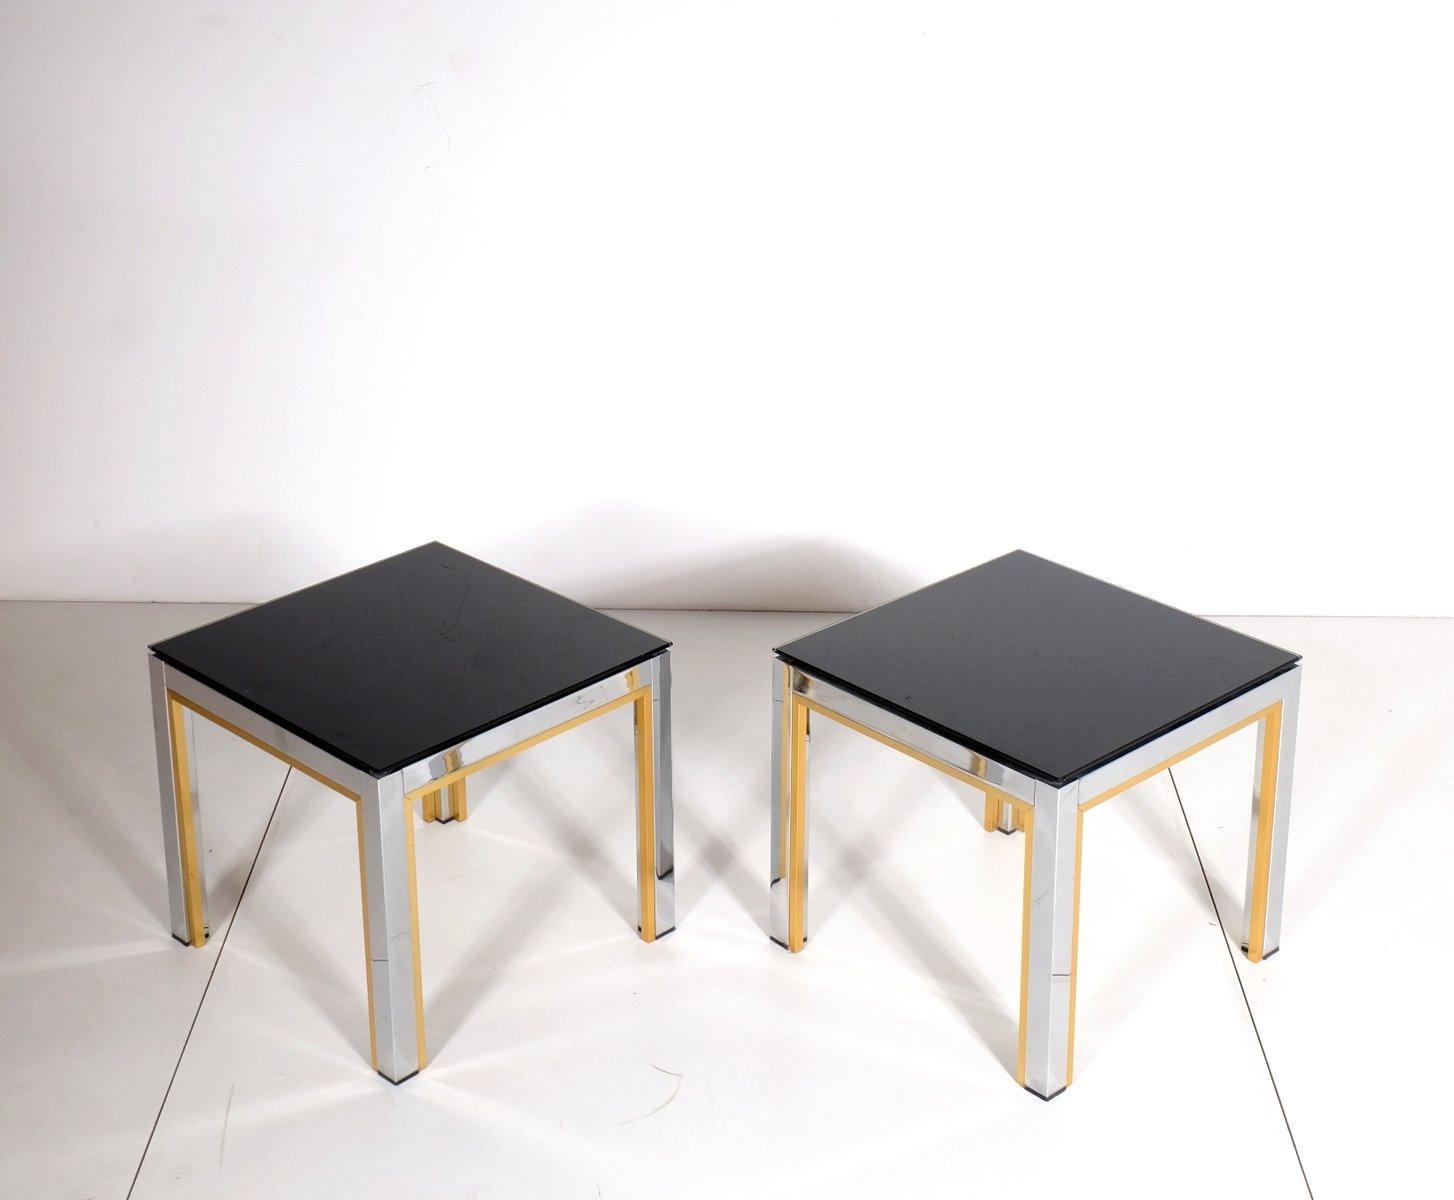 table d 39 appoint de belgo chrom belgique 1980s set de 2 en vente sur pamono. Black Bedroom Furniture Sets. Home Design Ideas